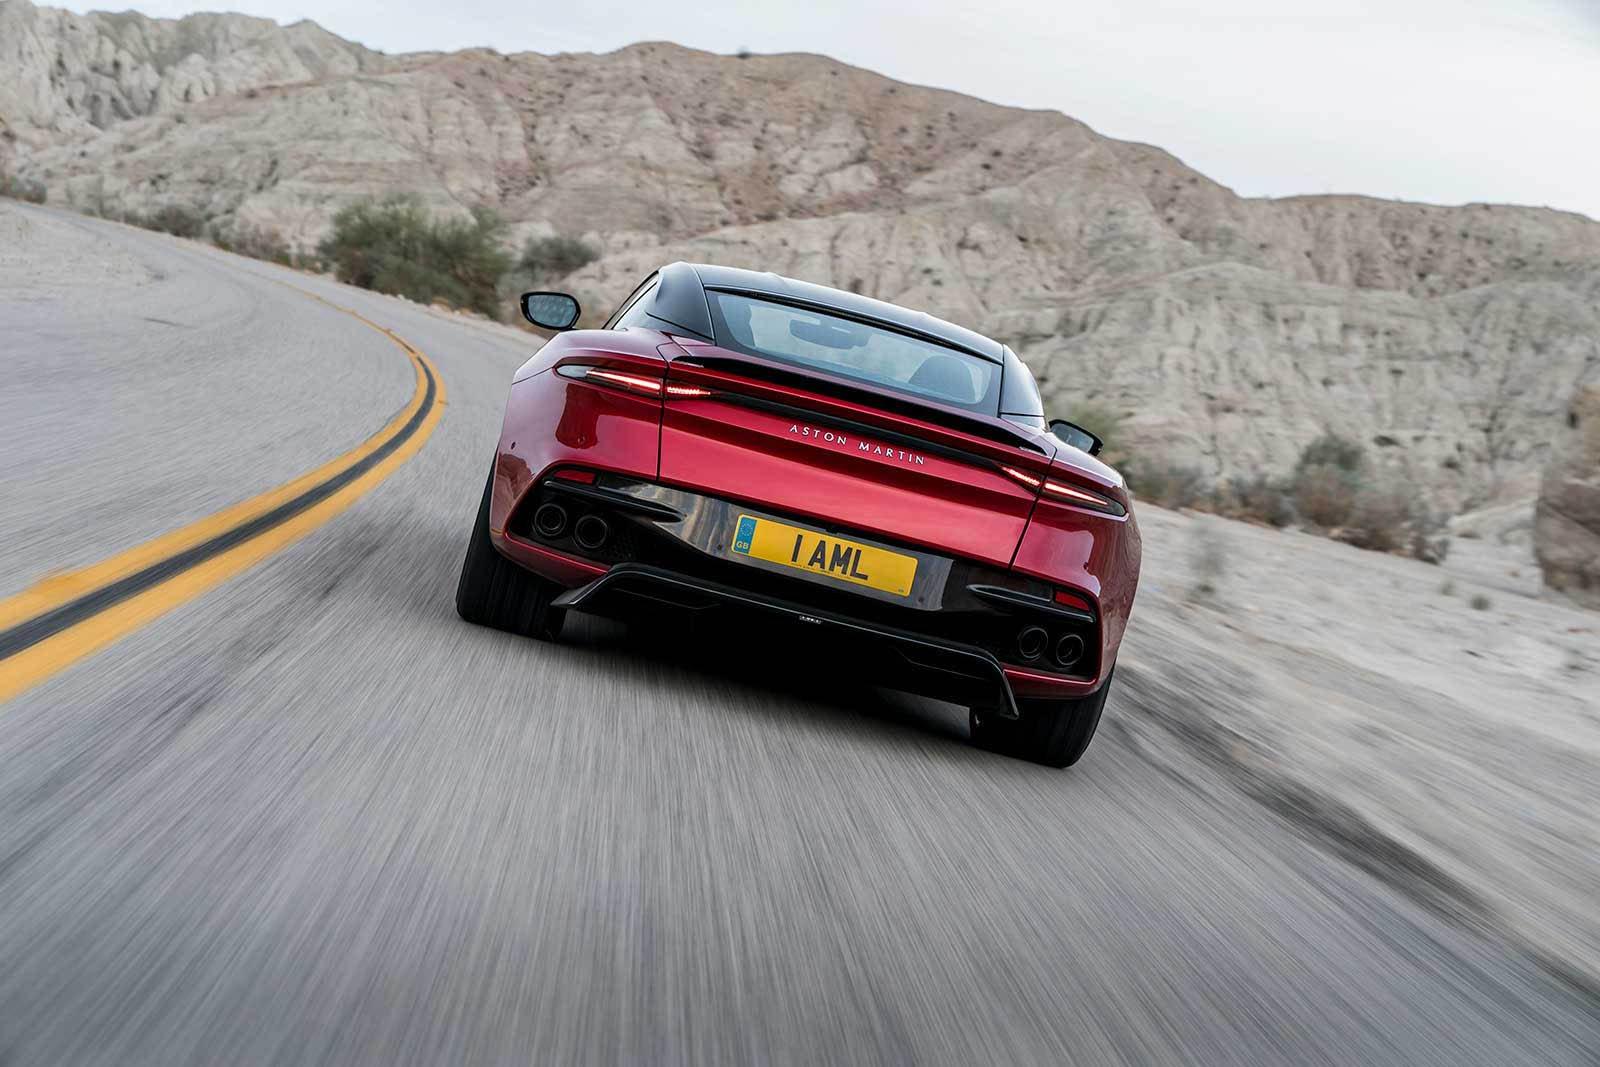 Aston Martin DBS Superleggera 2019 (8)